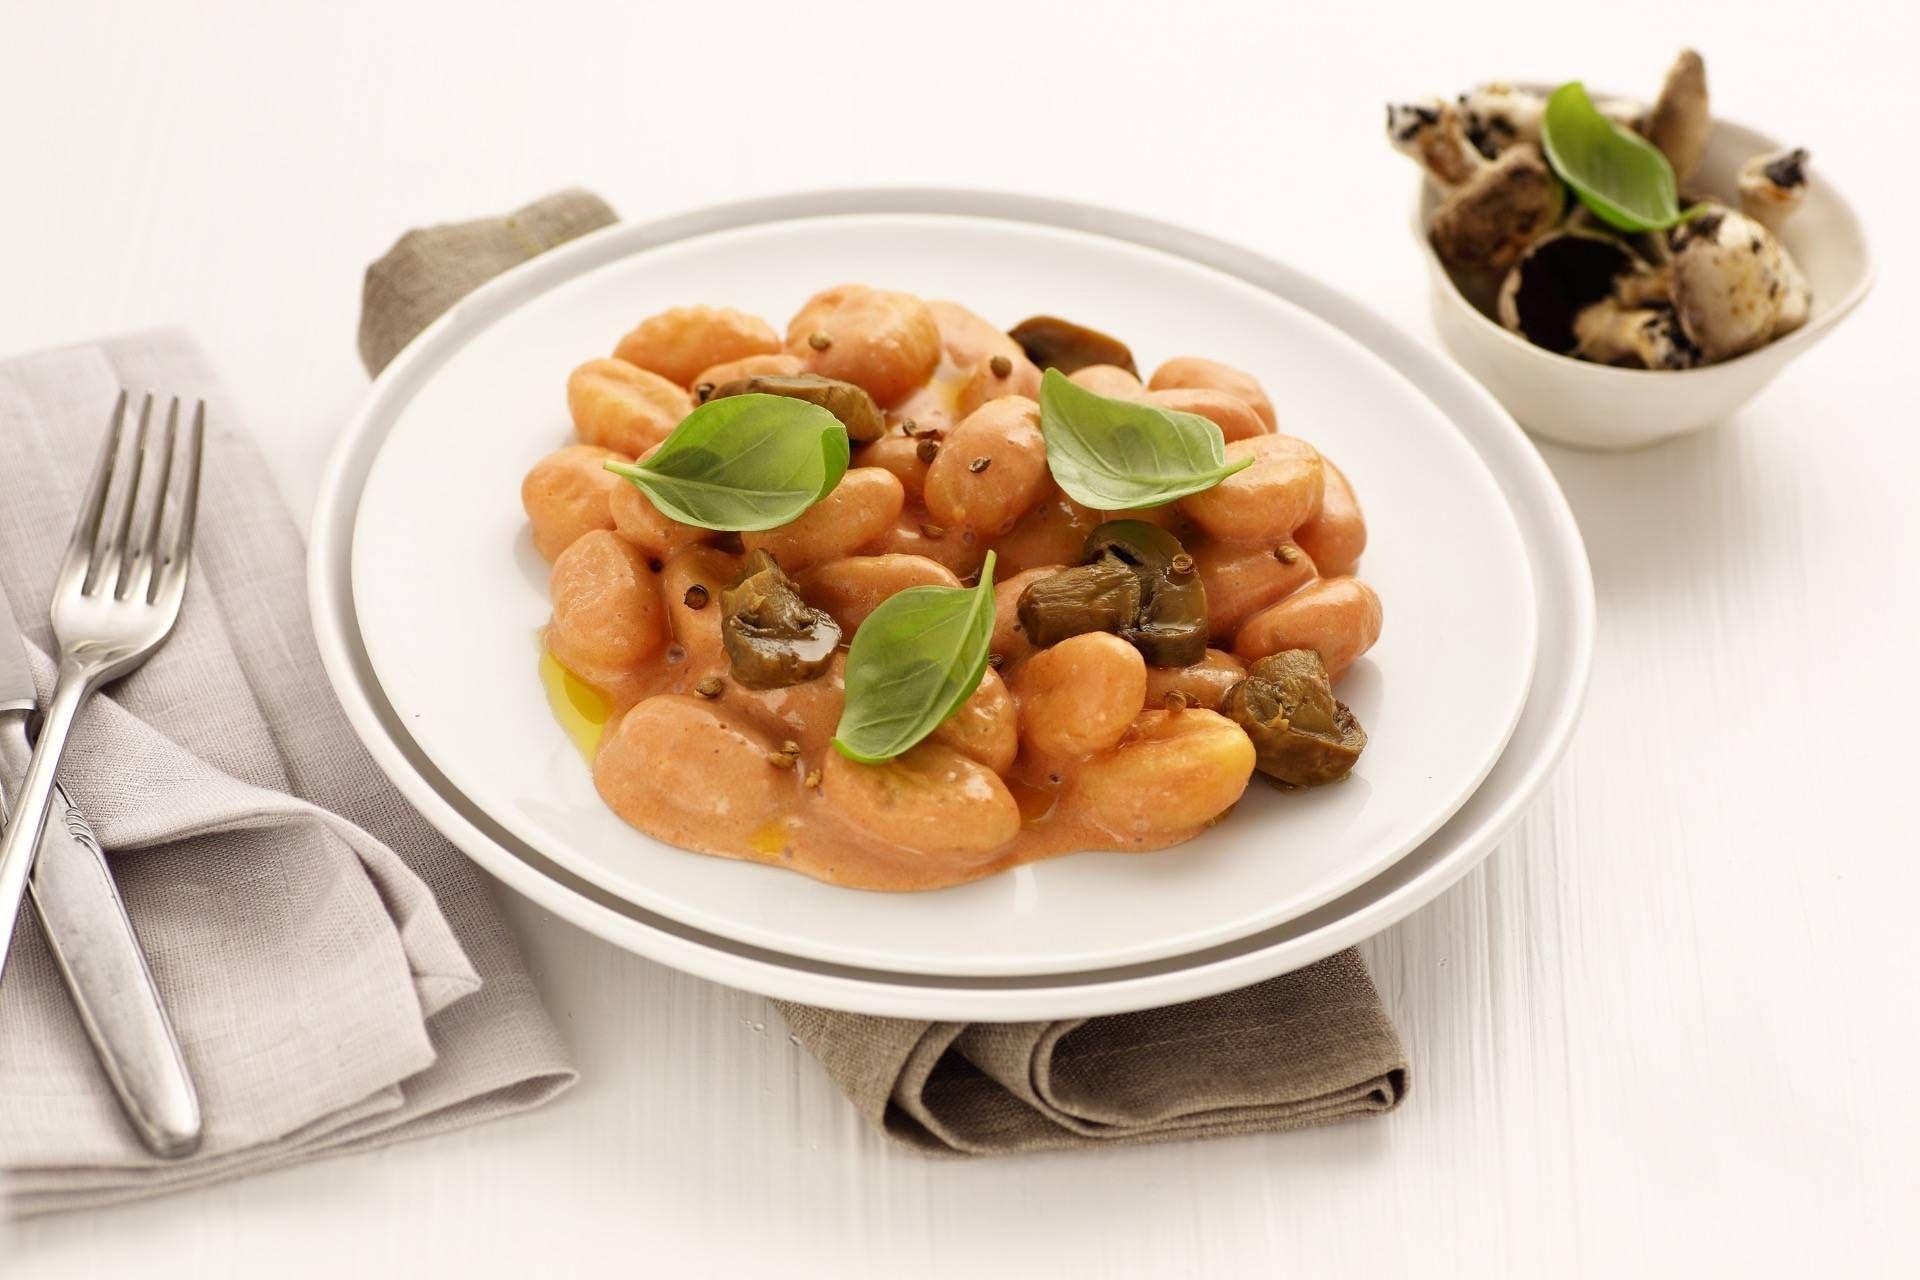 Gnocchi al rosa e funghi - Parmalat